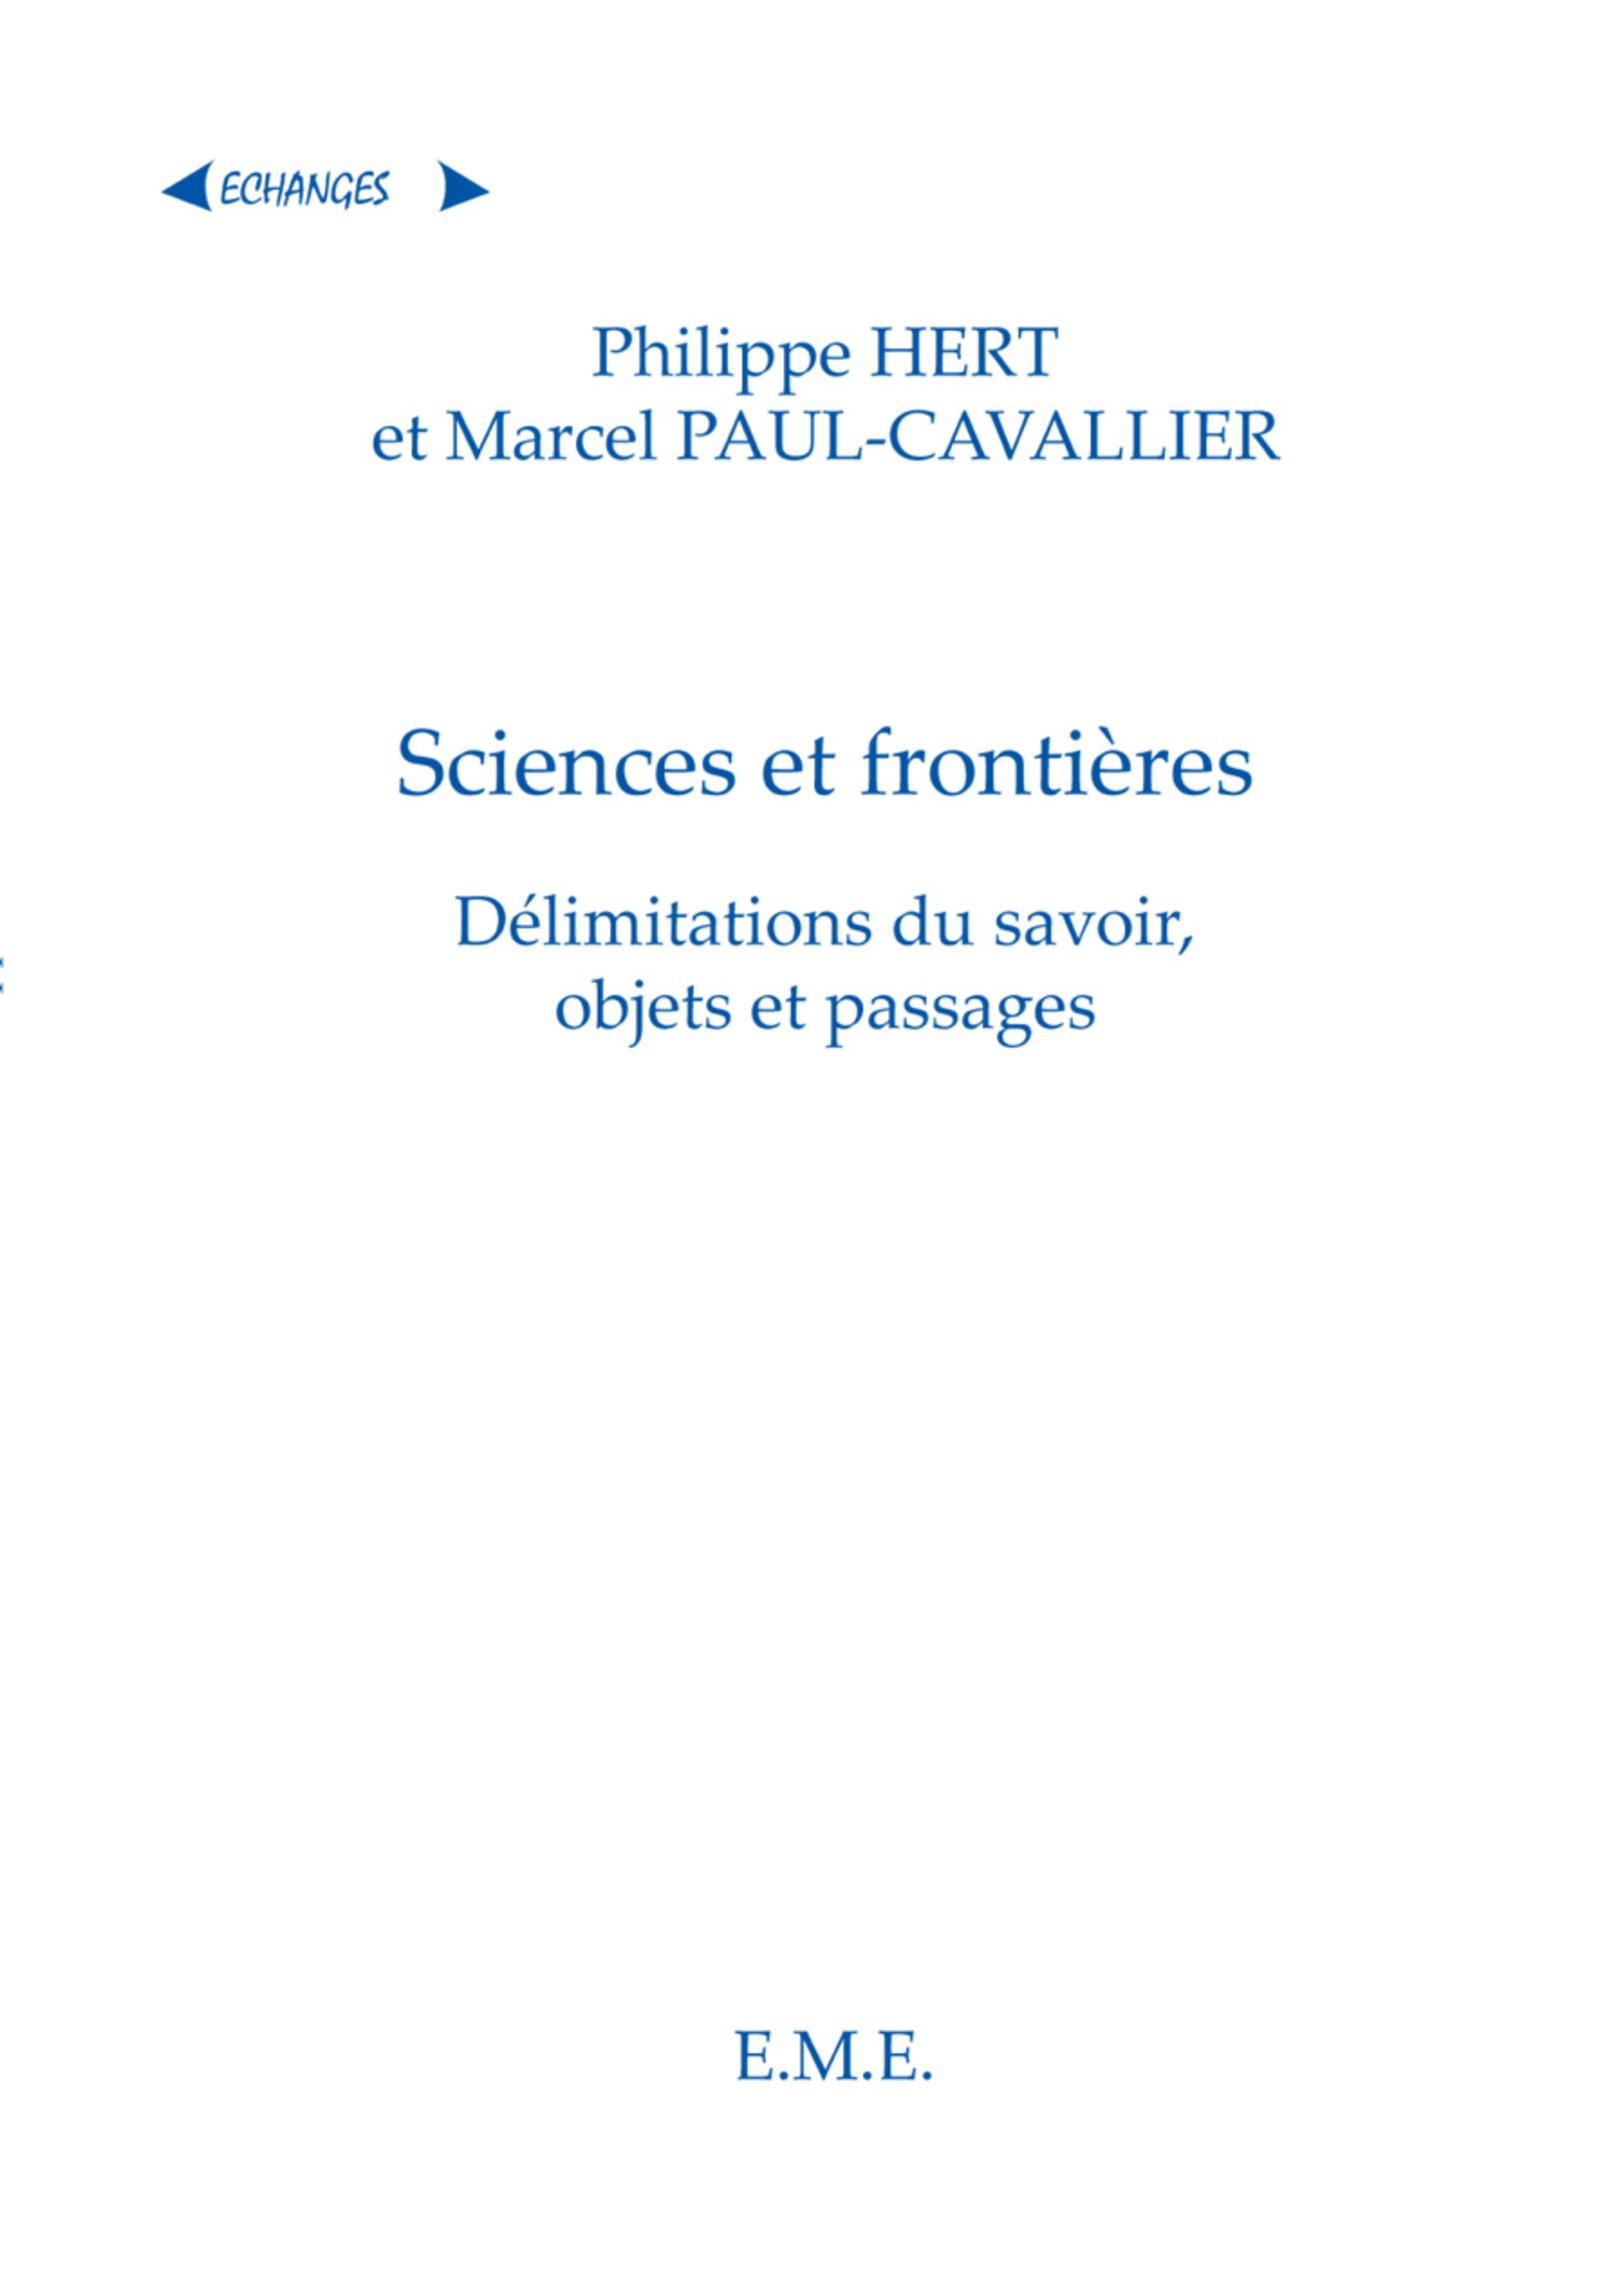 Sciences et